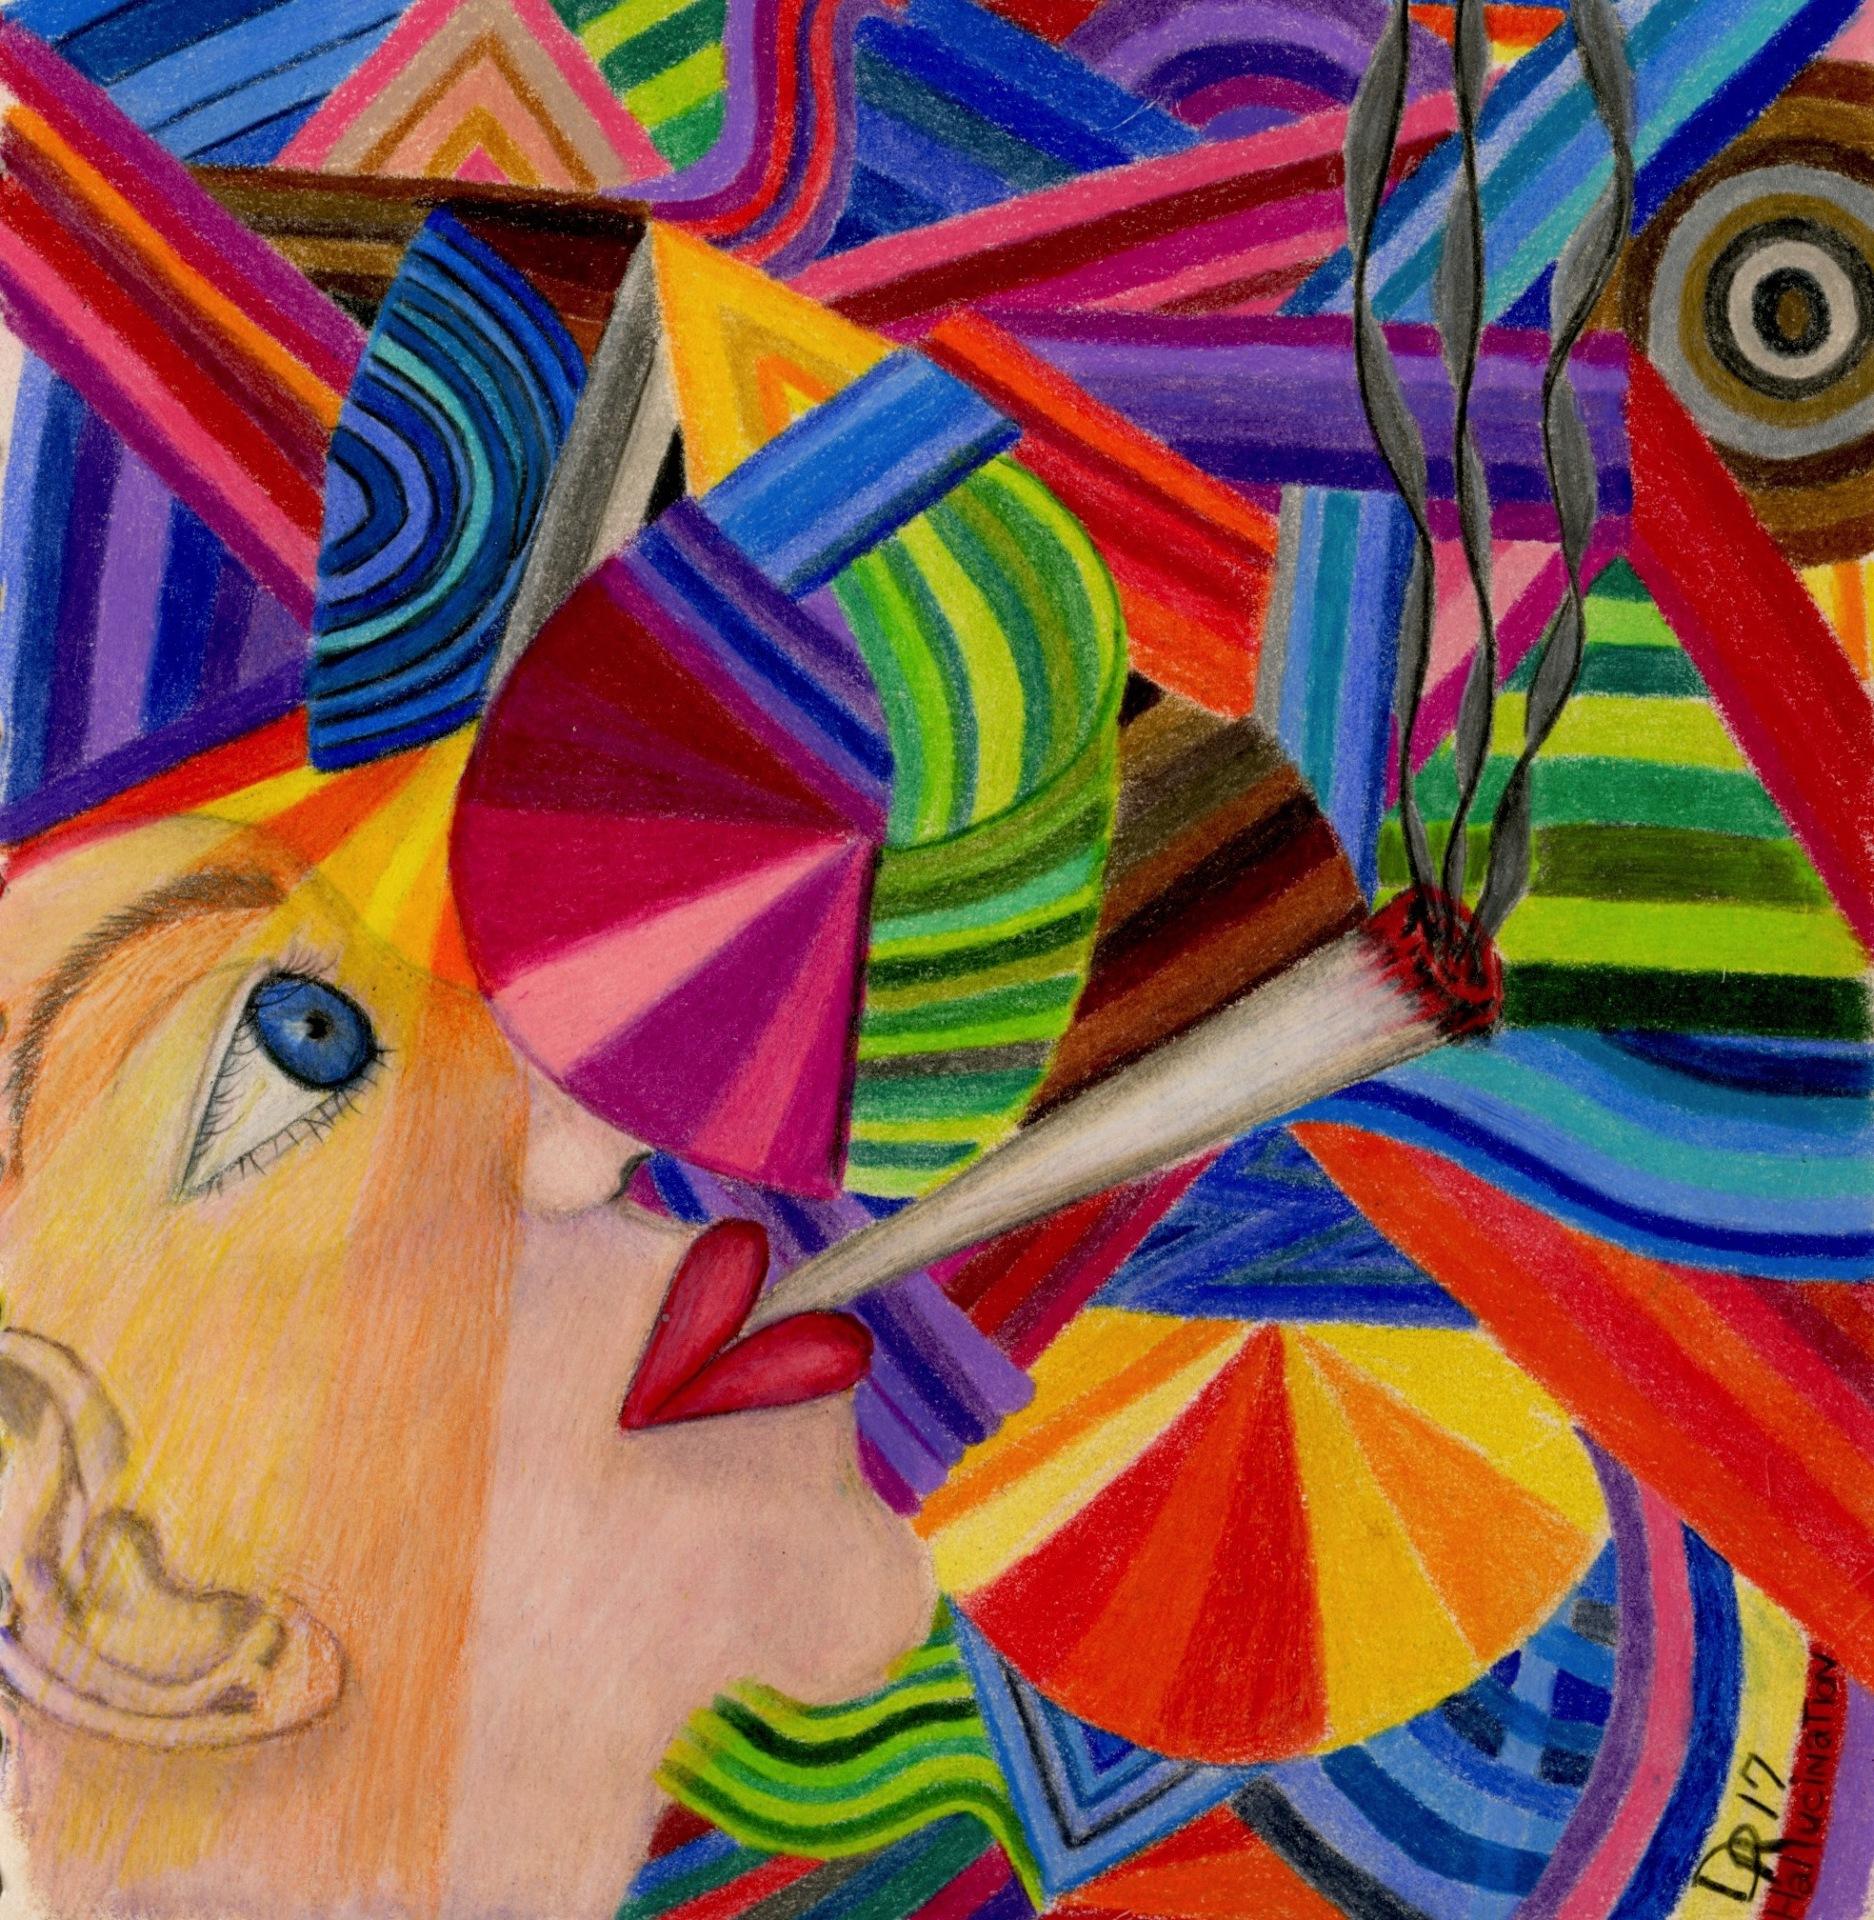 Hallucination 2